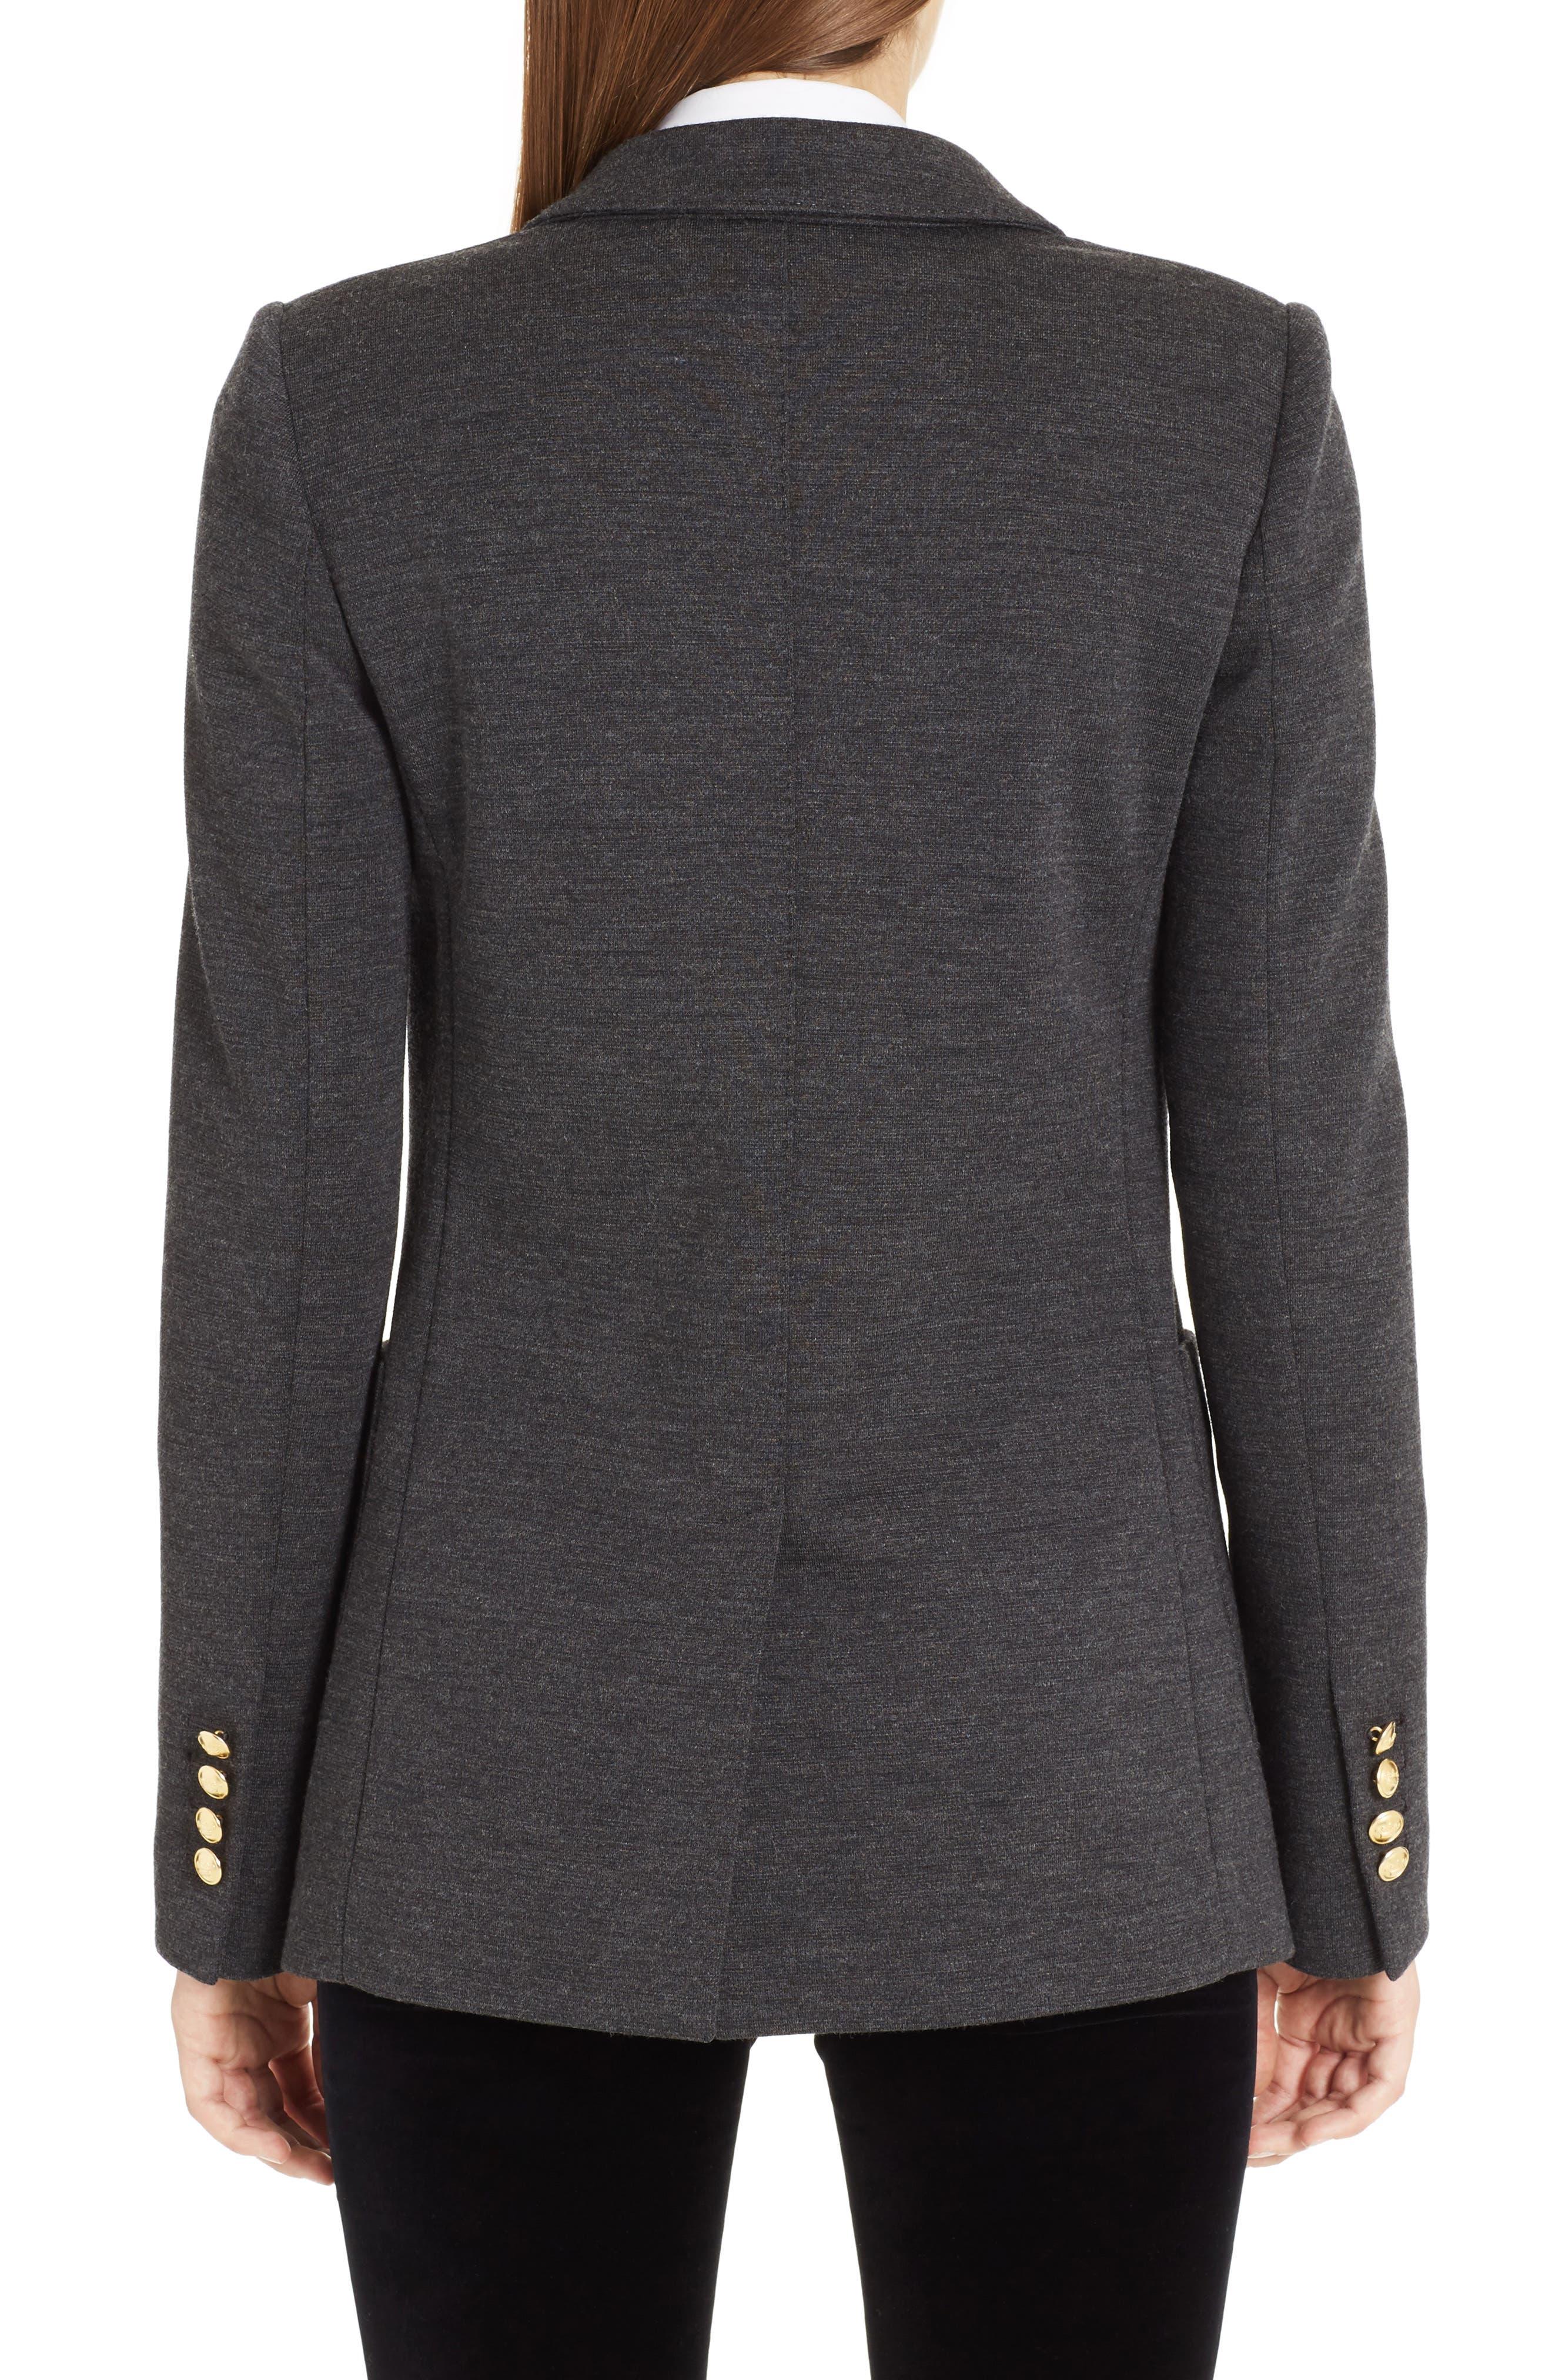 Punto Milano Wool Blazer,                             Alternate thumbnail 2, color,                             Grey Melange